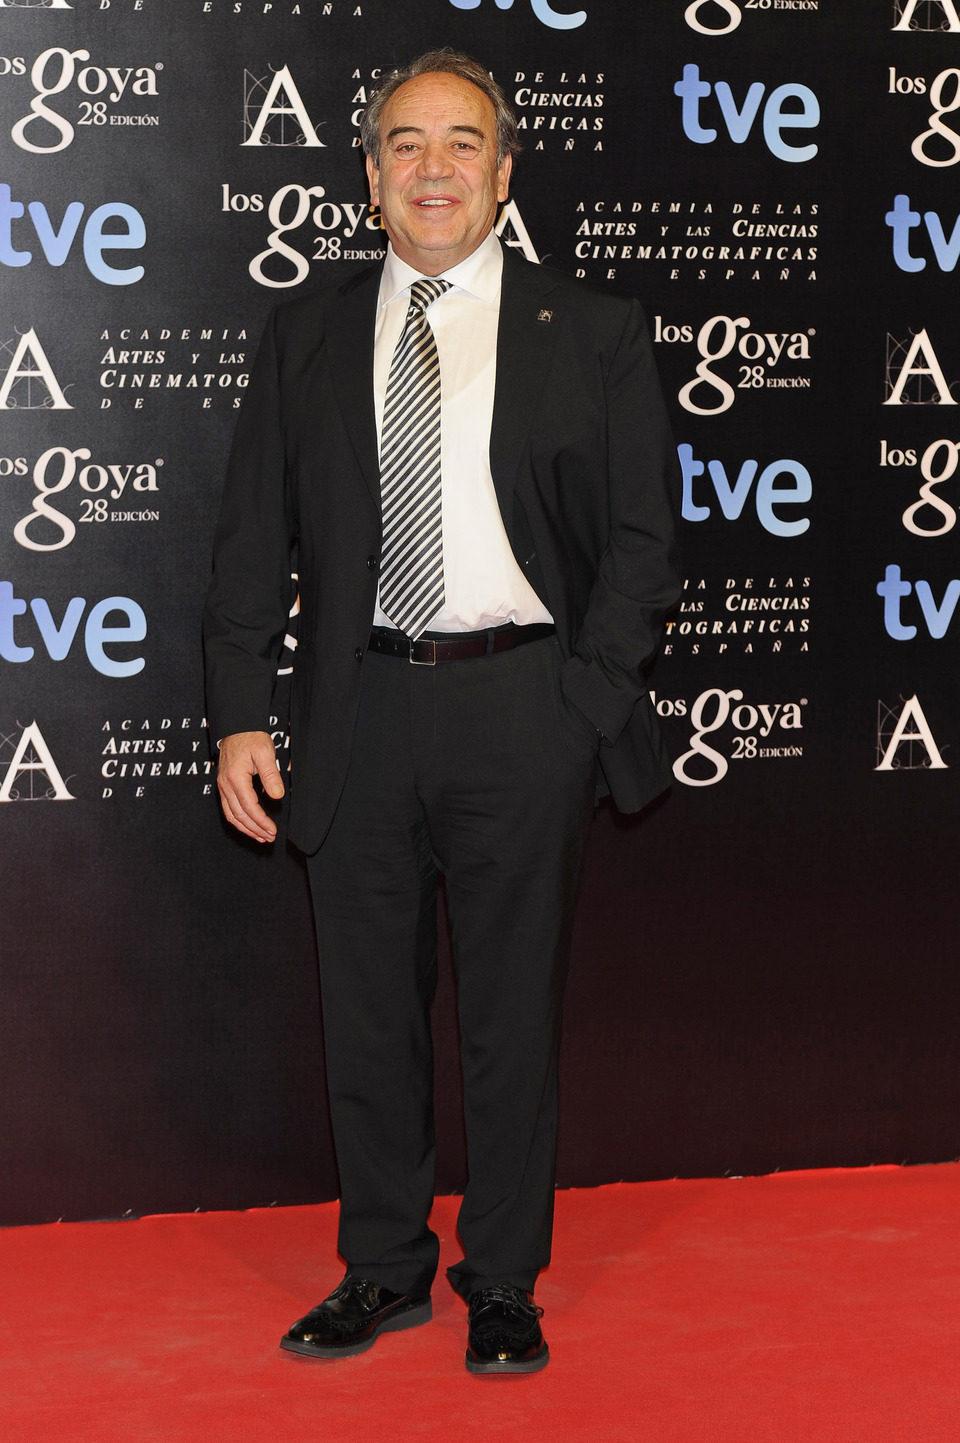 Tito Valverde en la alfombra roja de la fiesta de los nominados a los premios Goya 2014